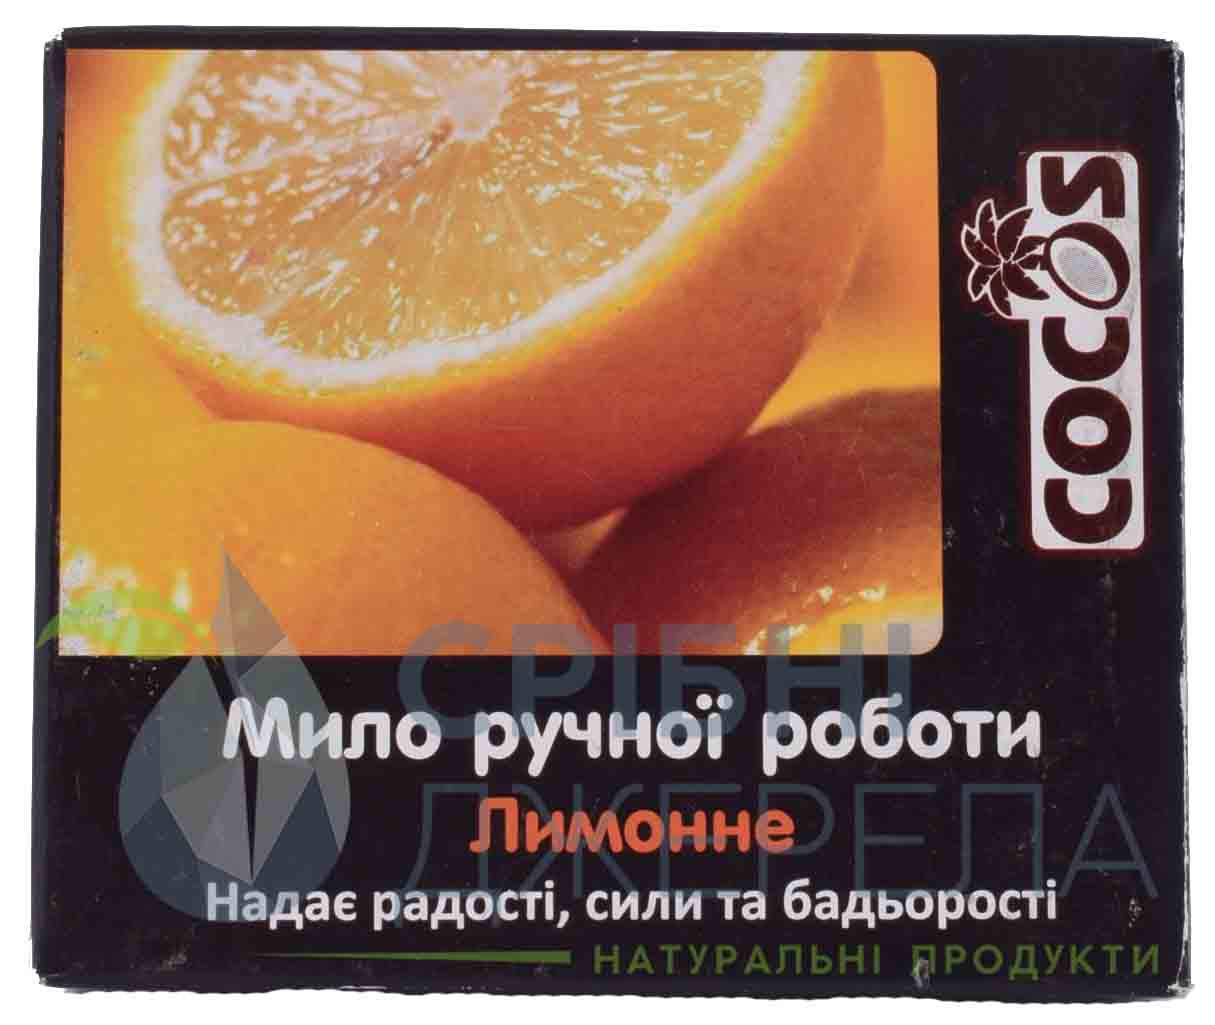 Мыло с эфирным маслом Лимонное, 100 г